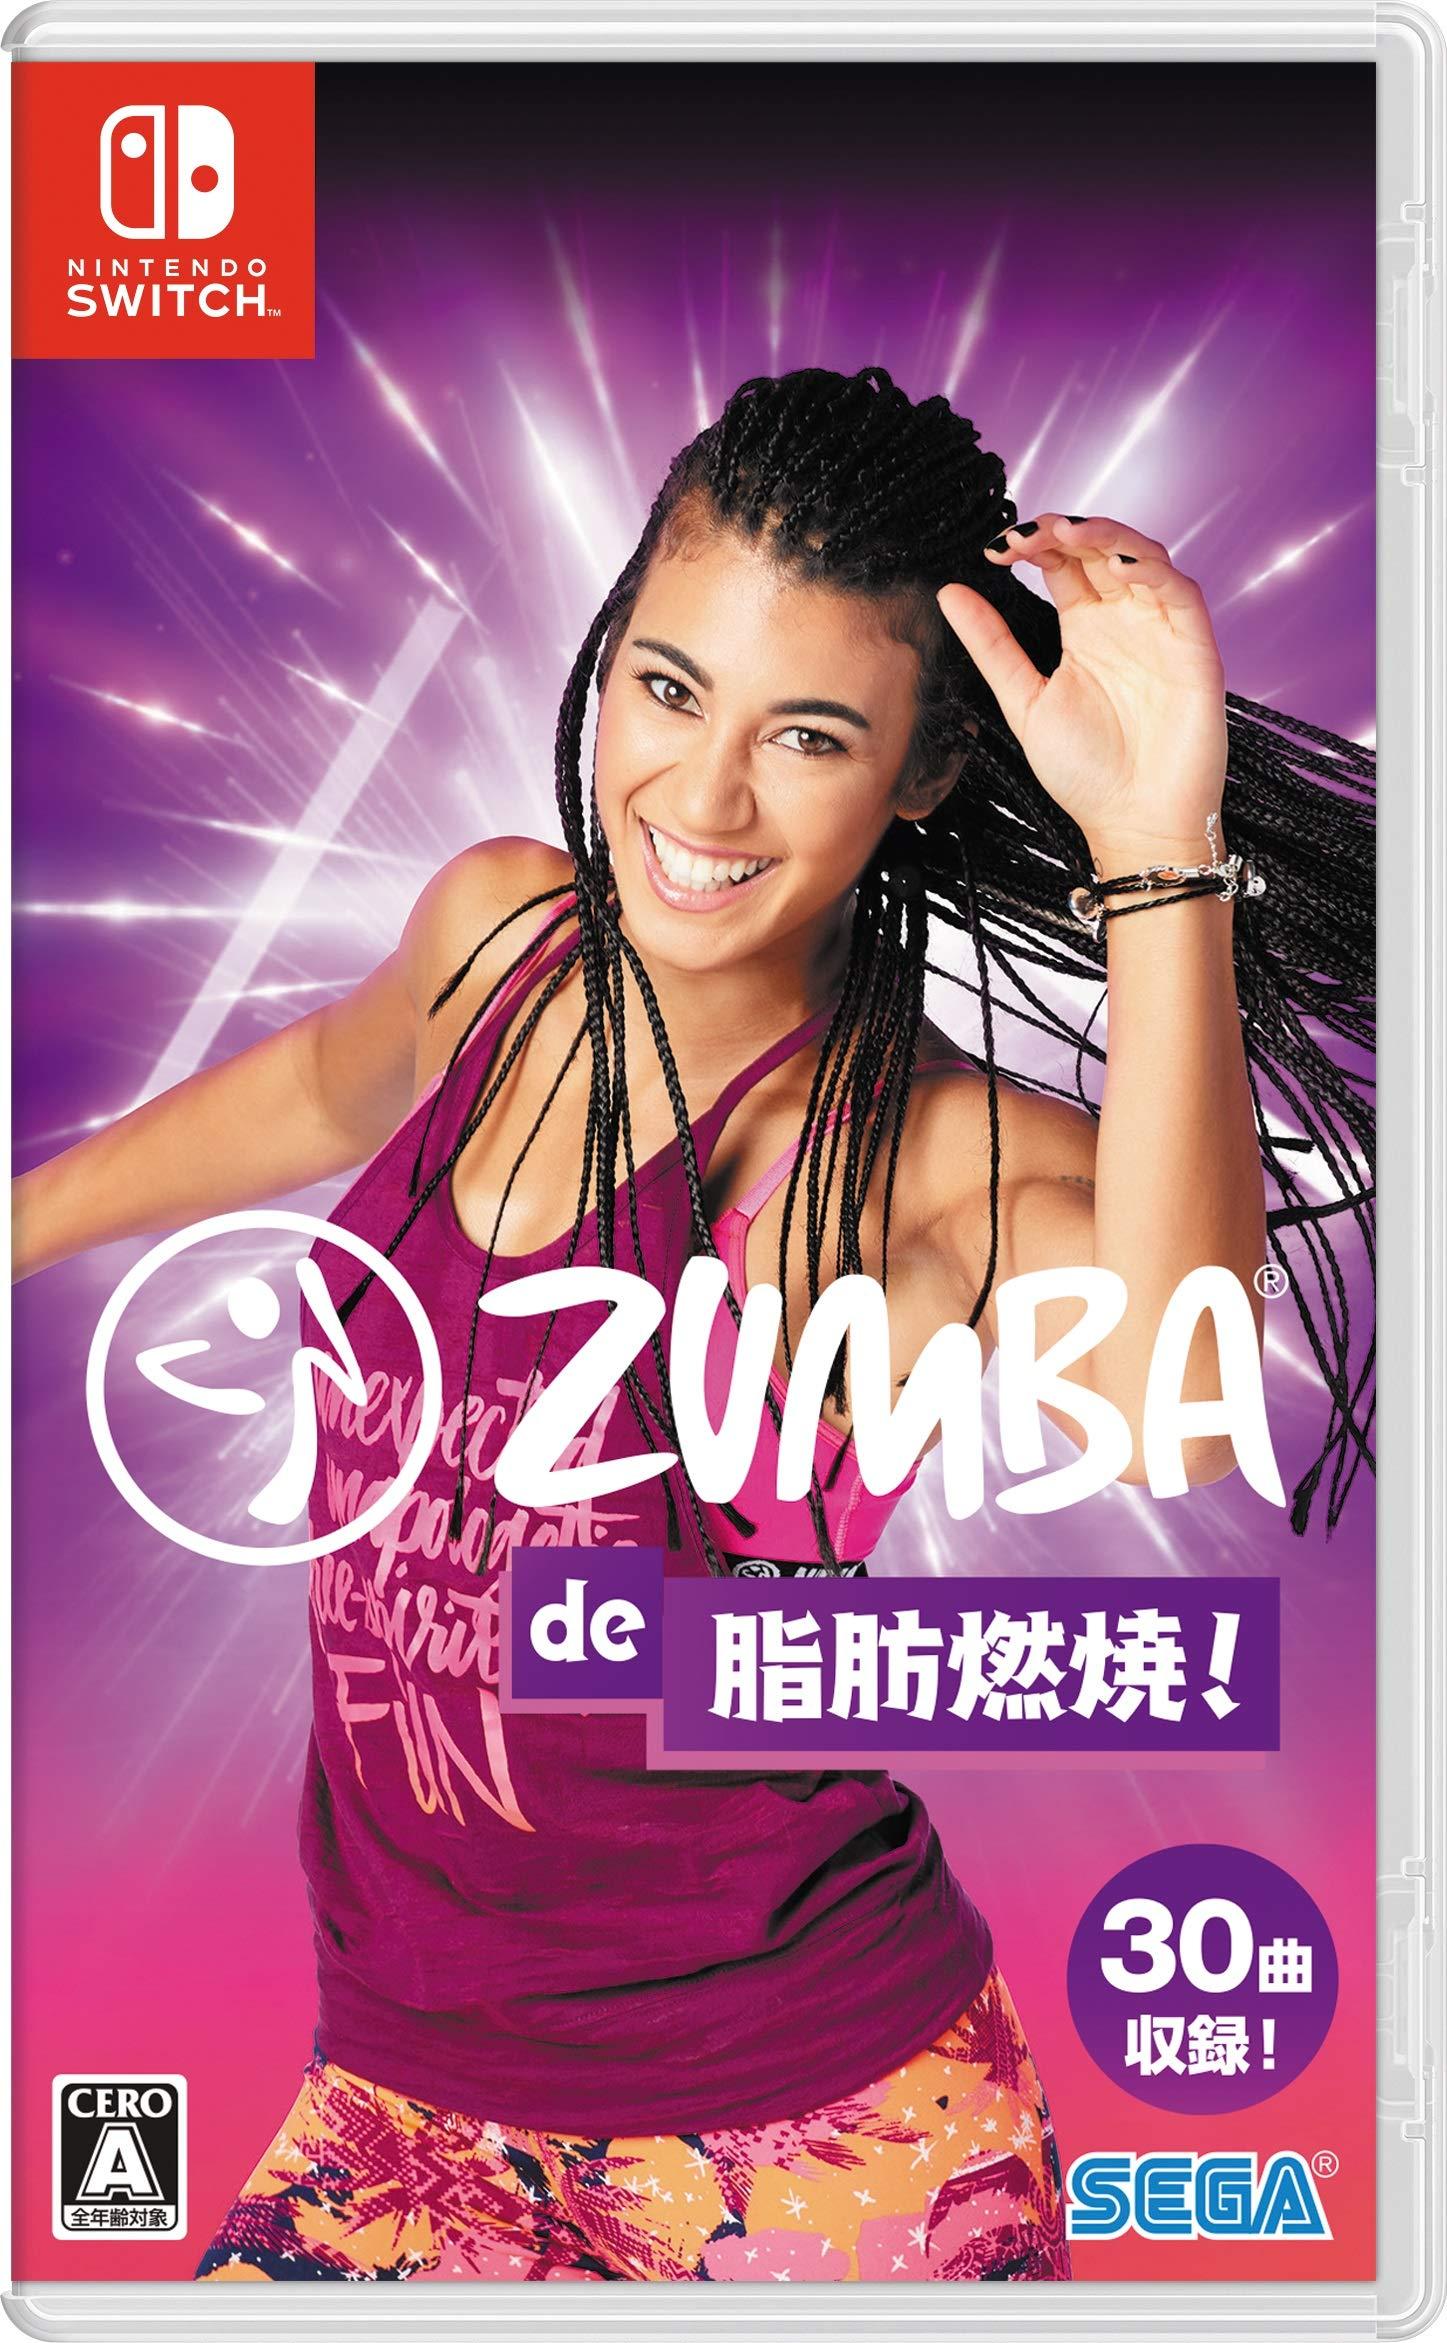 【どこでもフィットネス】Nintendo Switch『Zumba de 脂肪燃焼!』6月18日発売!店舗特典アリ